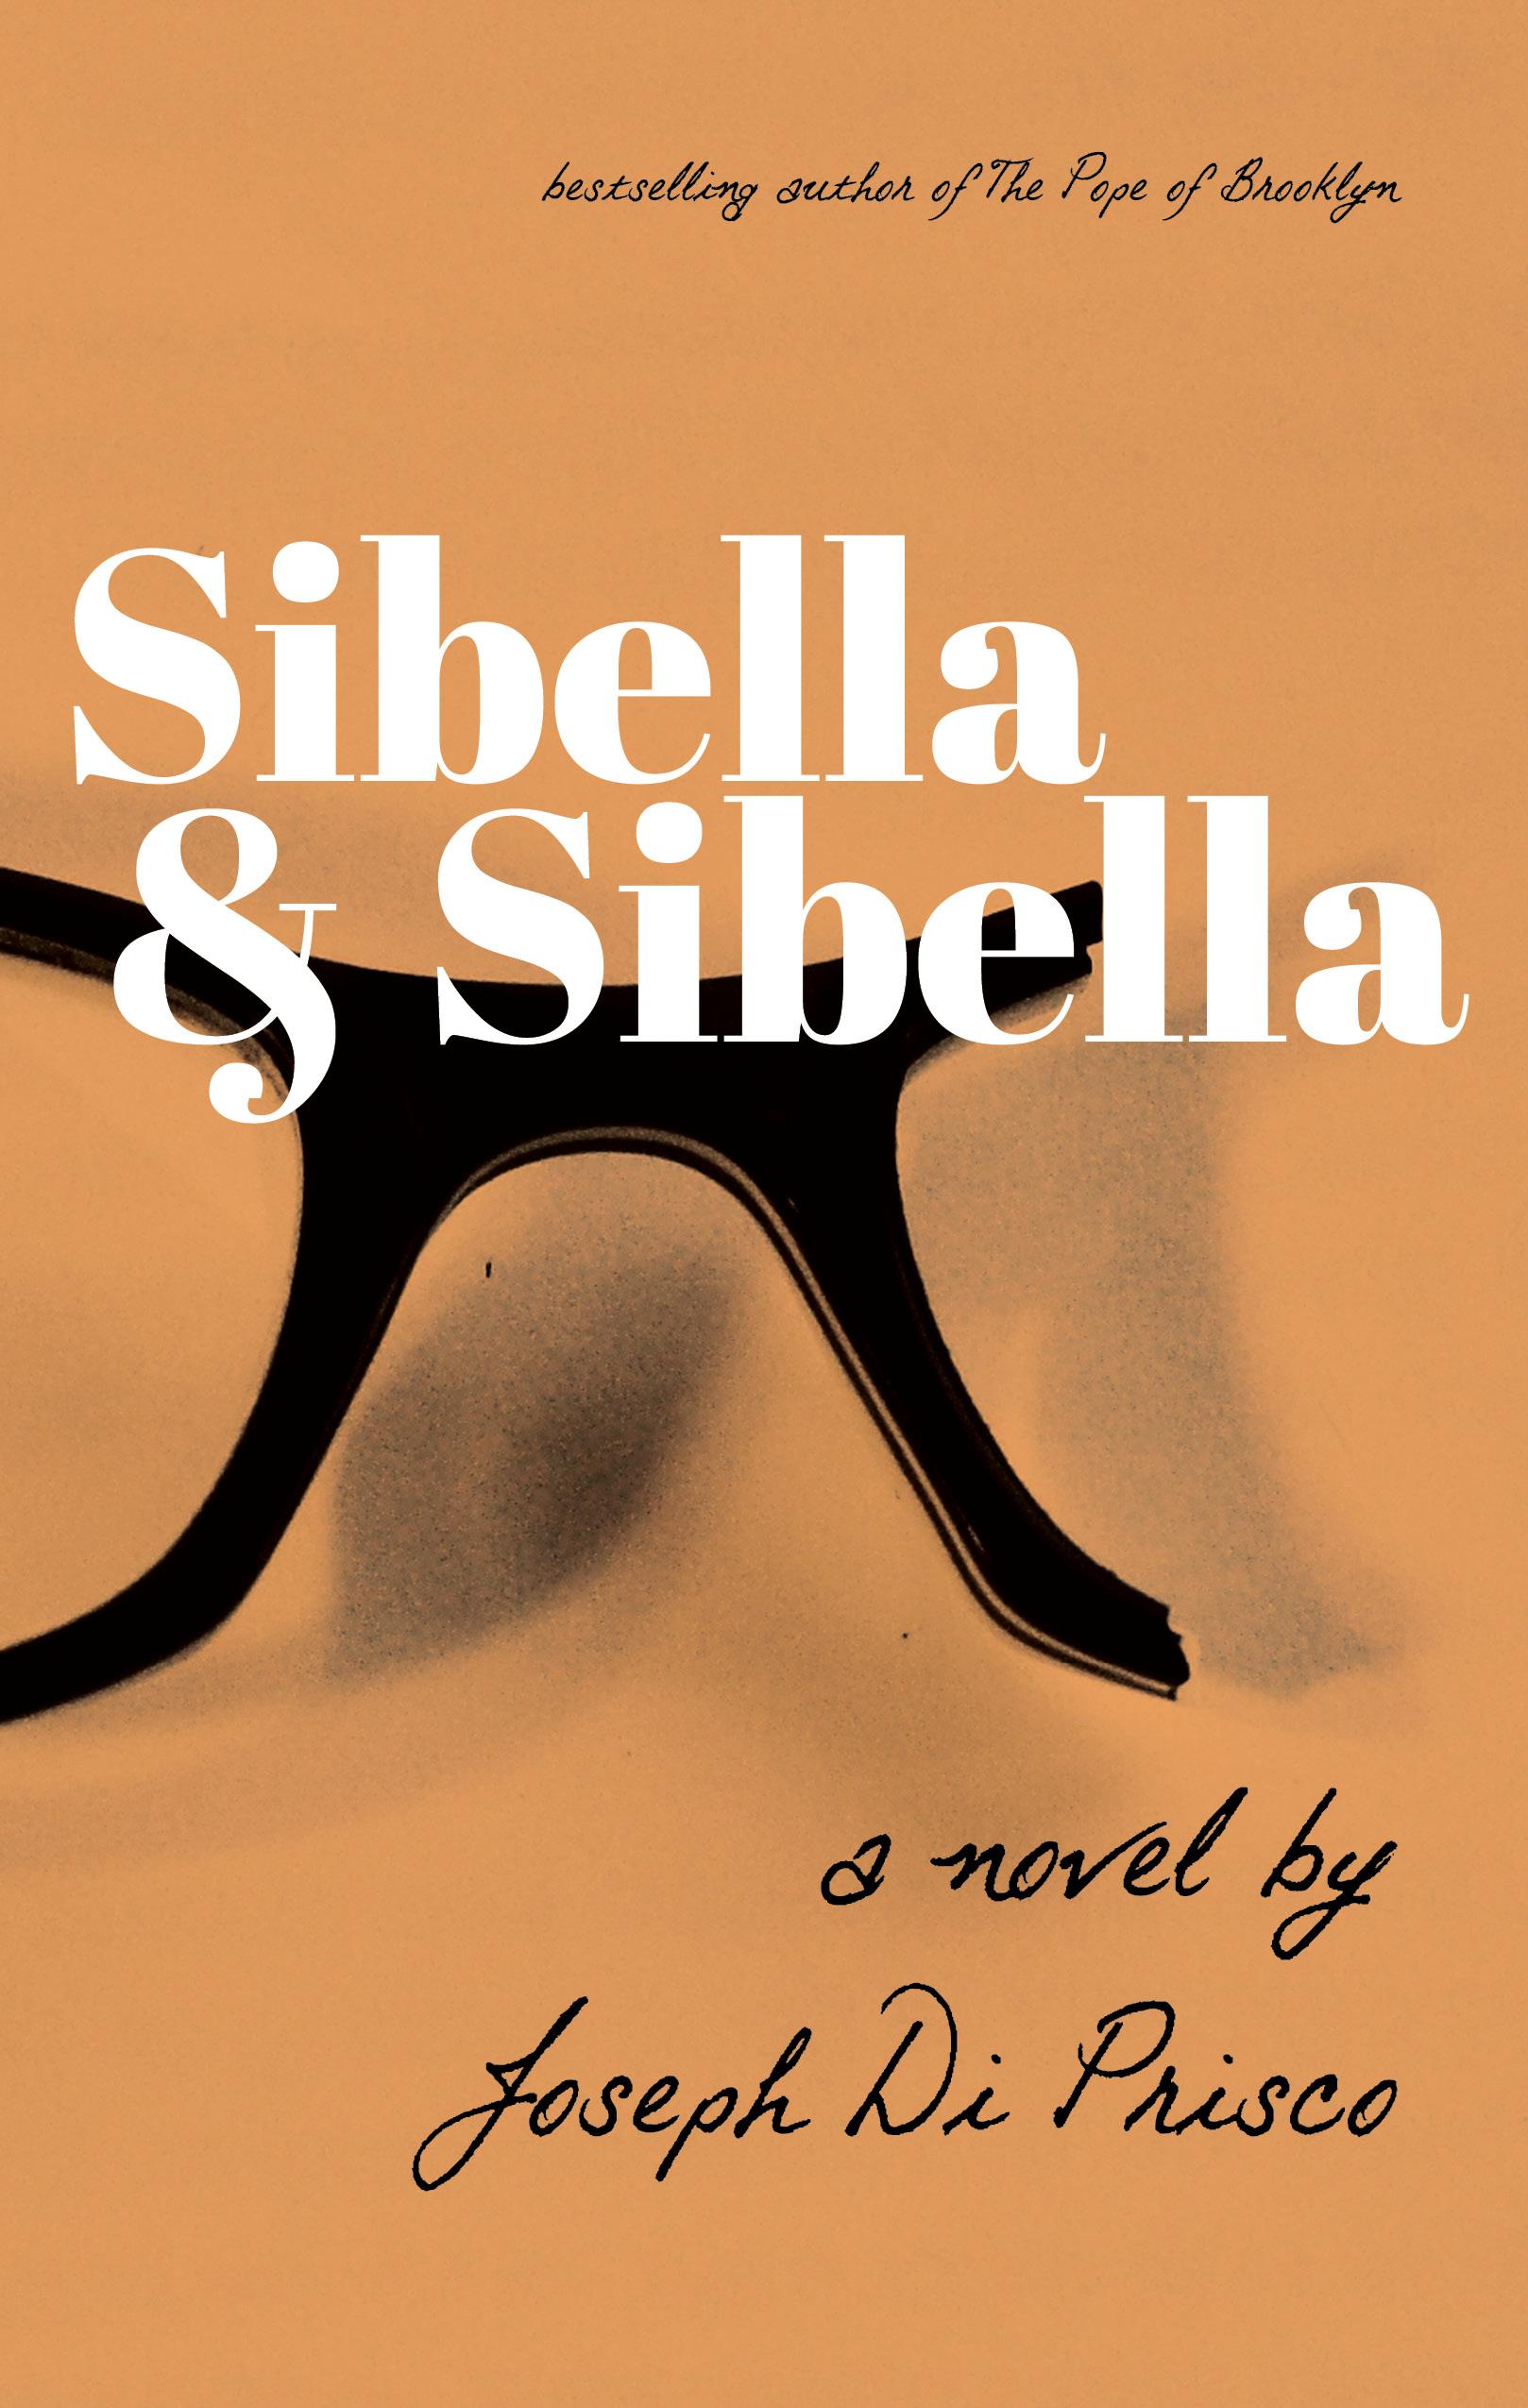 Sibella.jpg